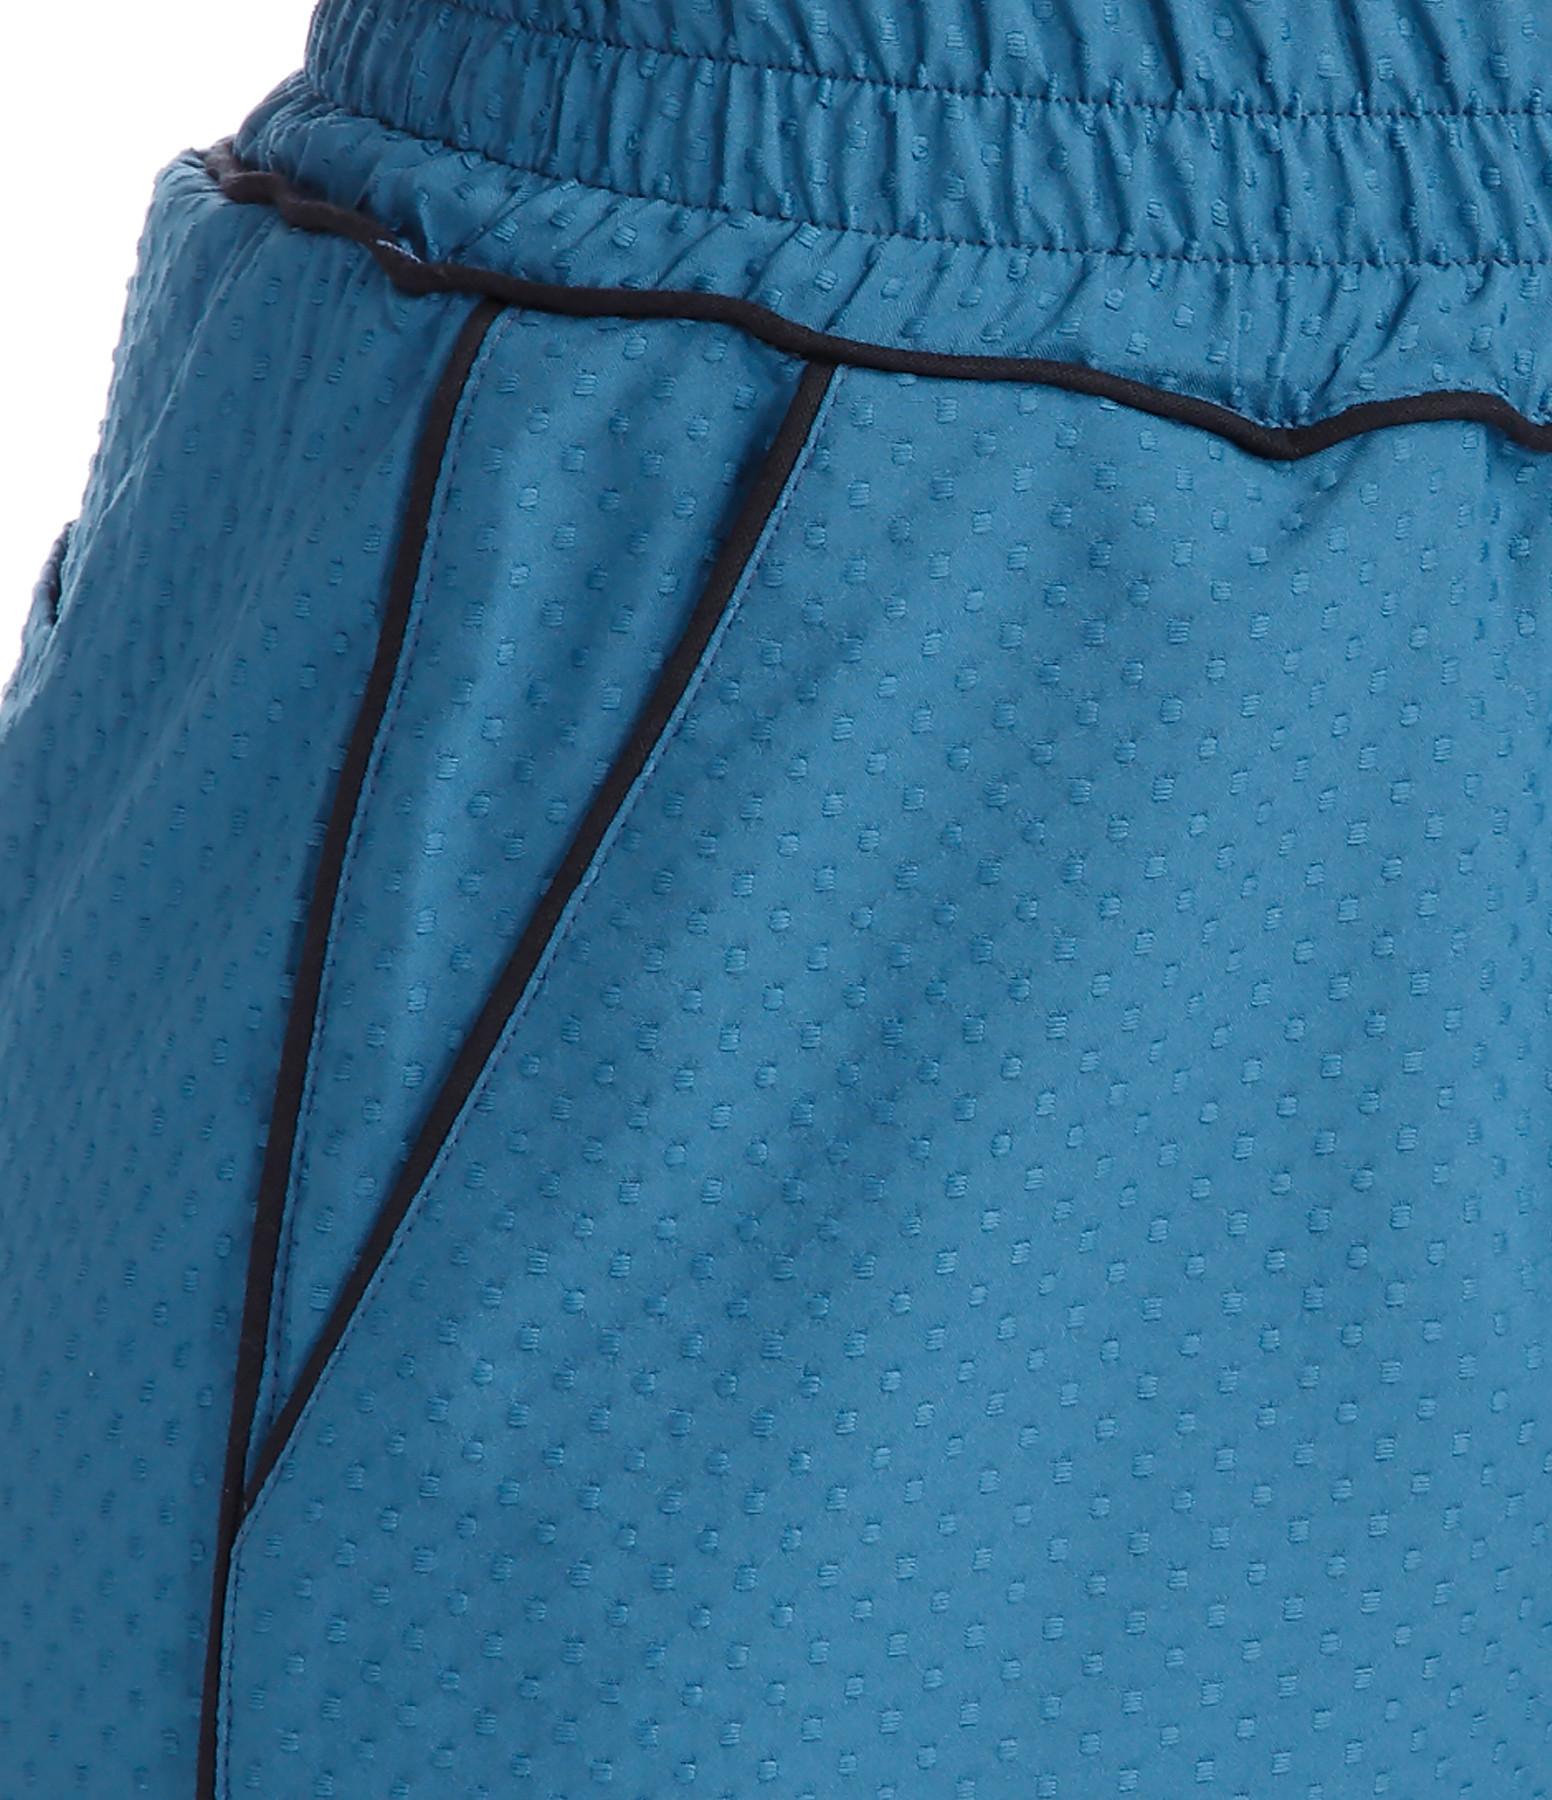 TOOSHIE - Pantalon Capri Bluette Noir